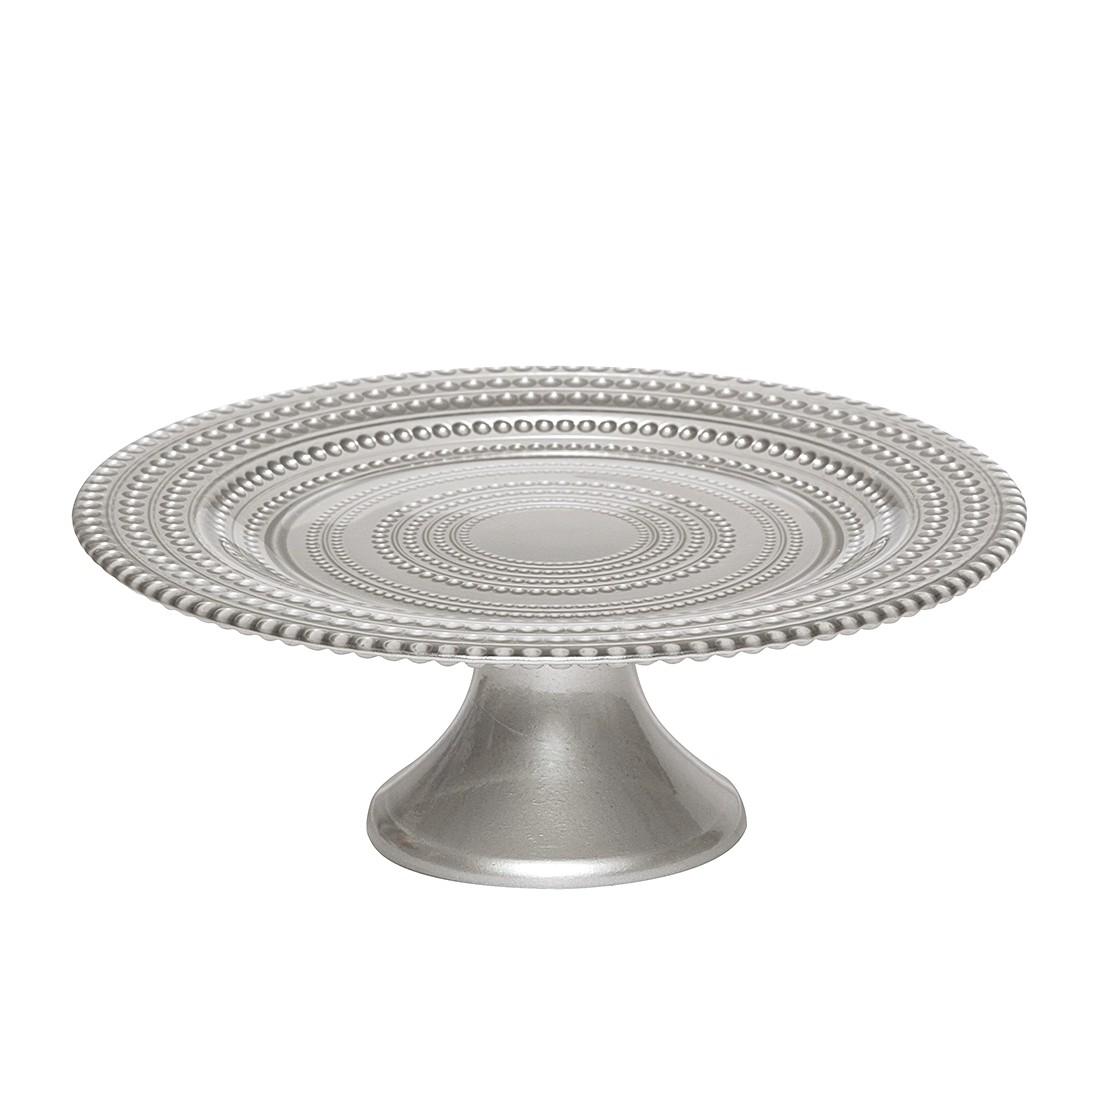 Tortenplatte Pois I – Glas – Silber, BITOSSI HOME günstig